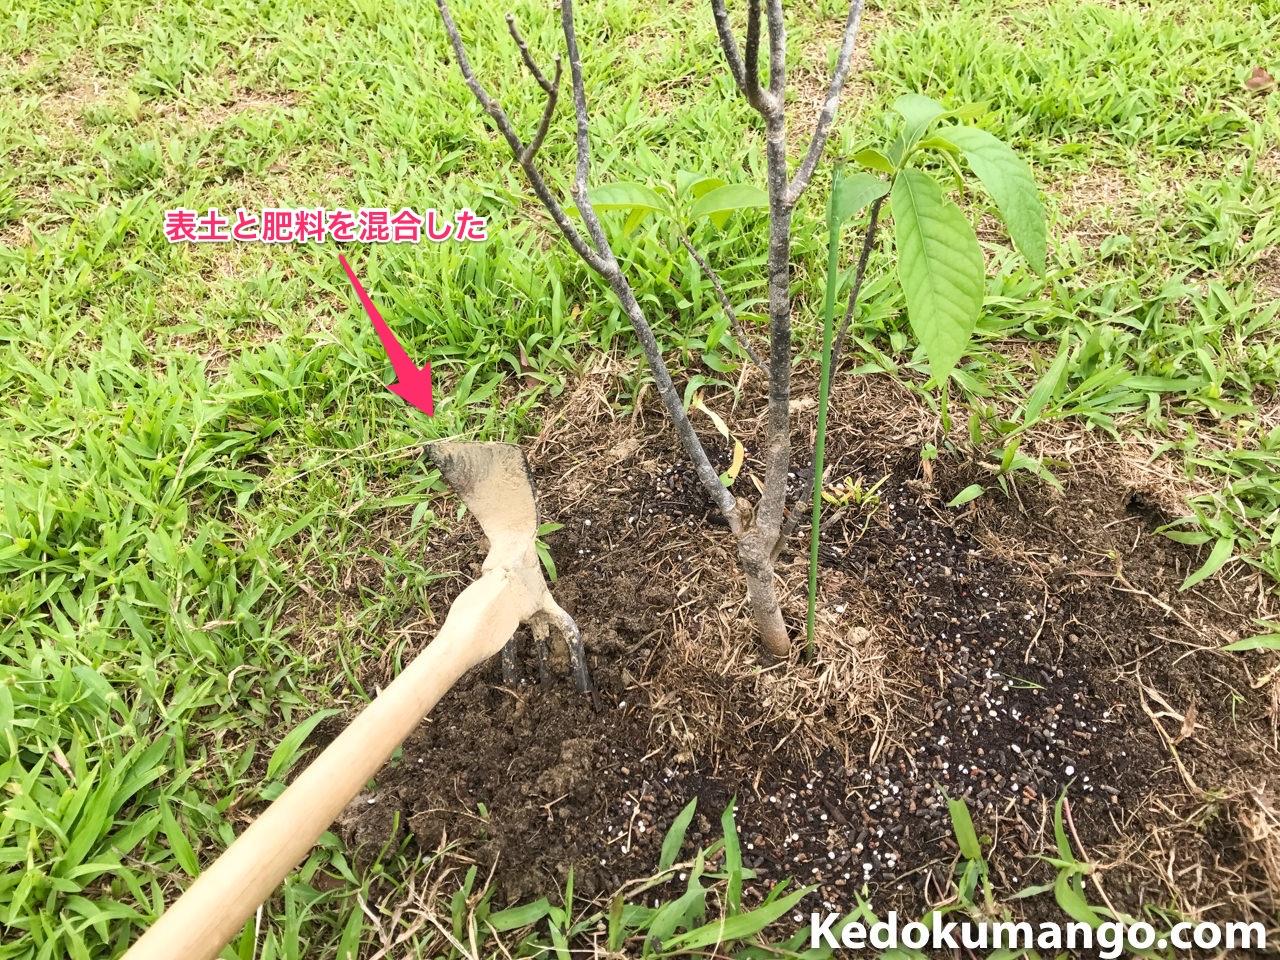 肥料散布後の処理